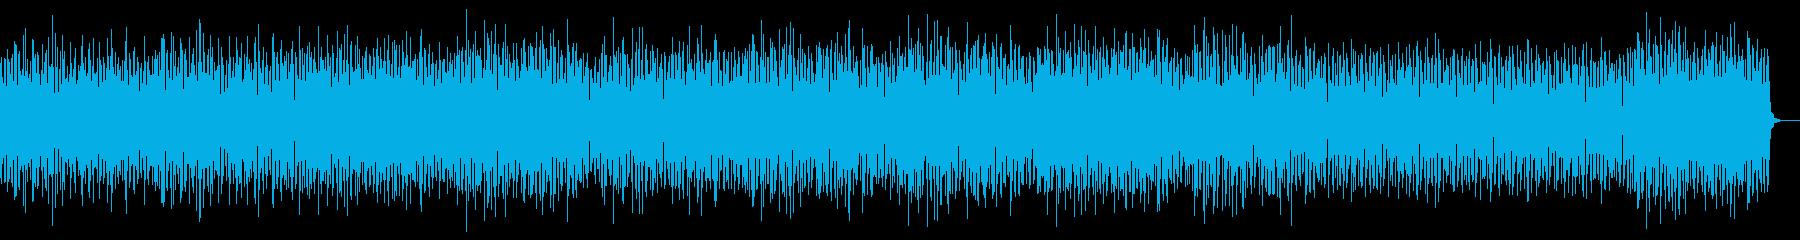 スリリング 重低硬ピアノ うねるシンセの再生済みの波形